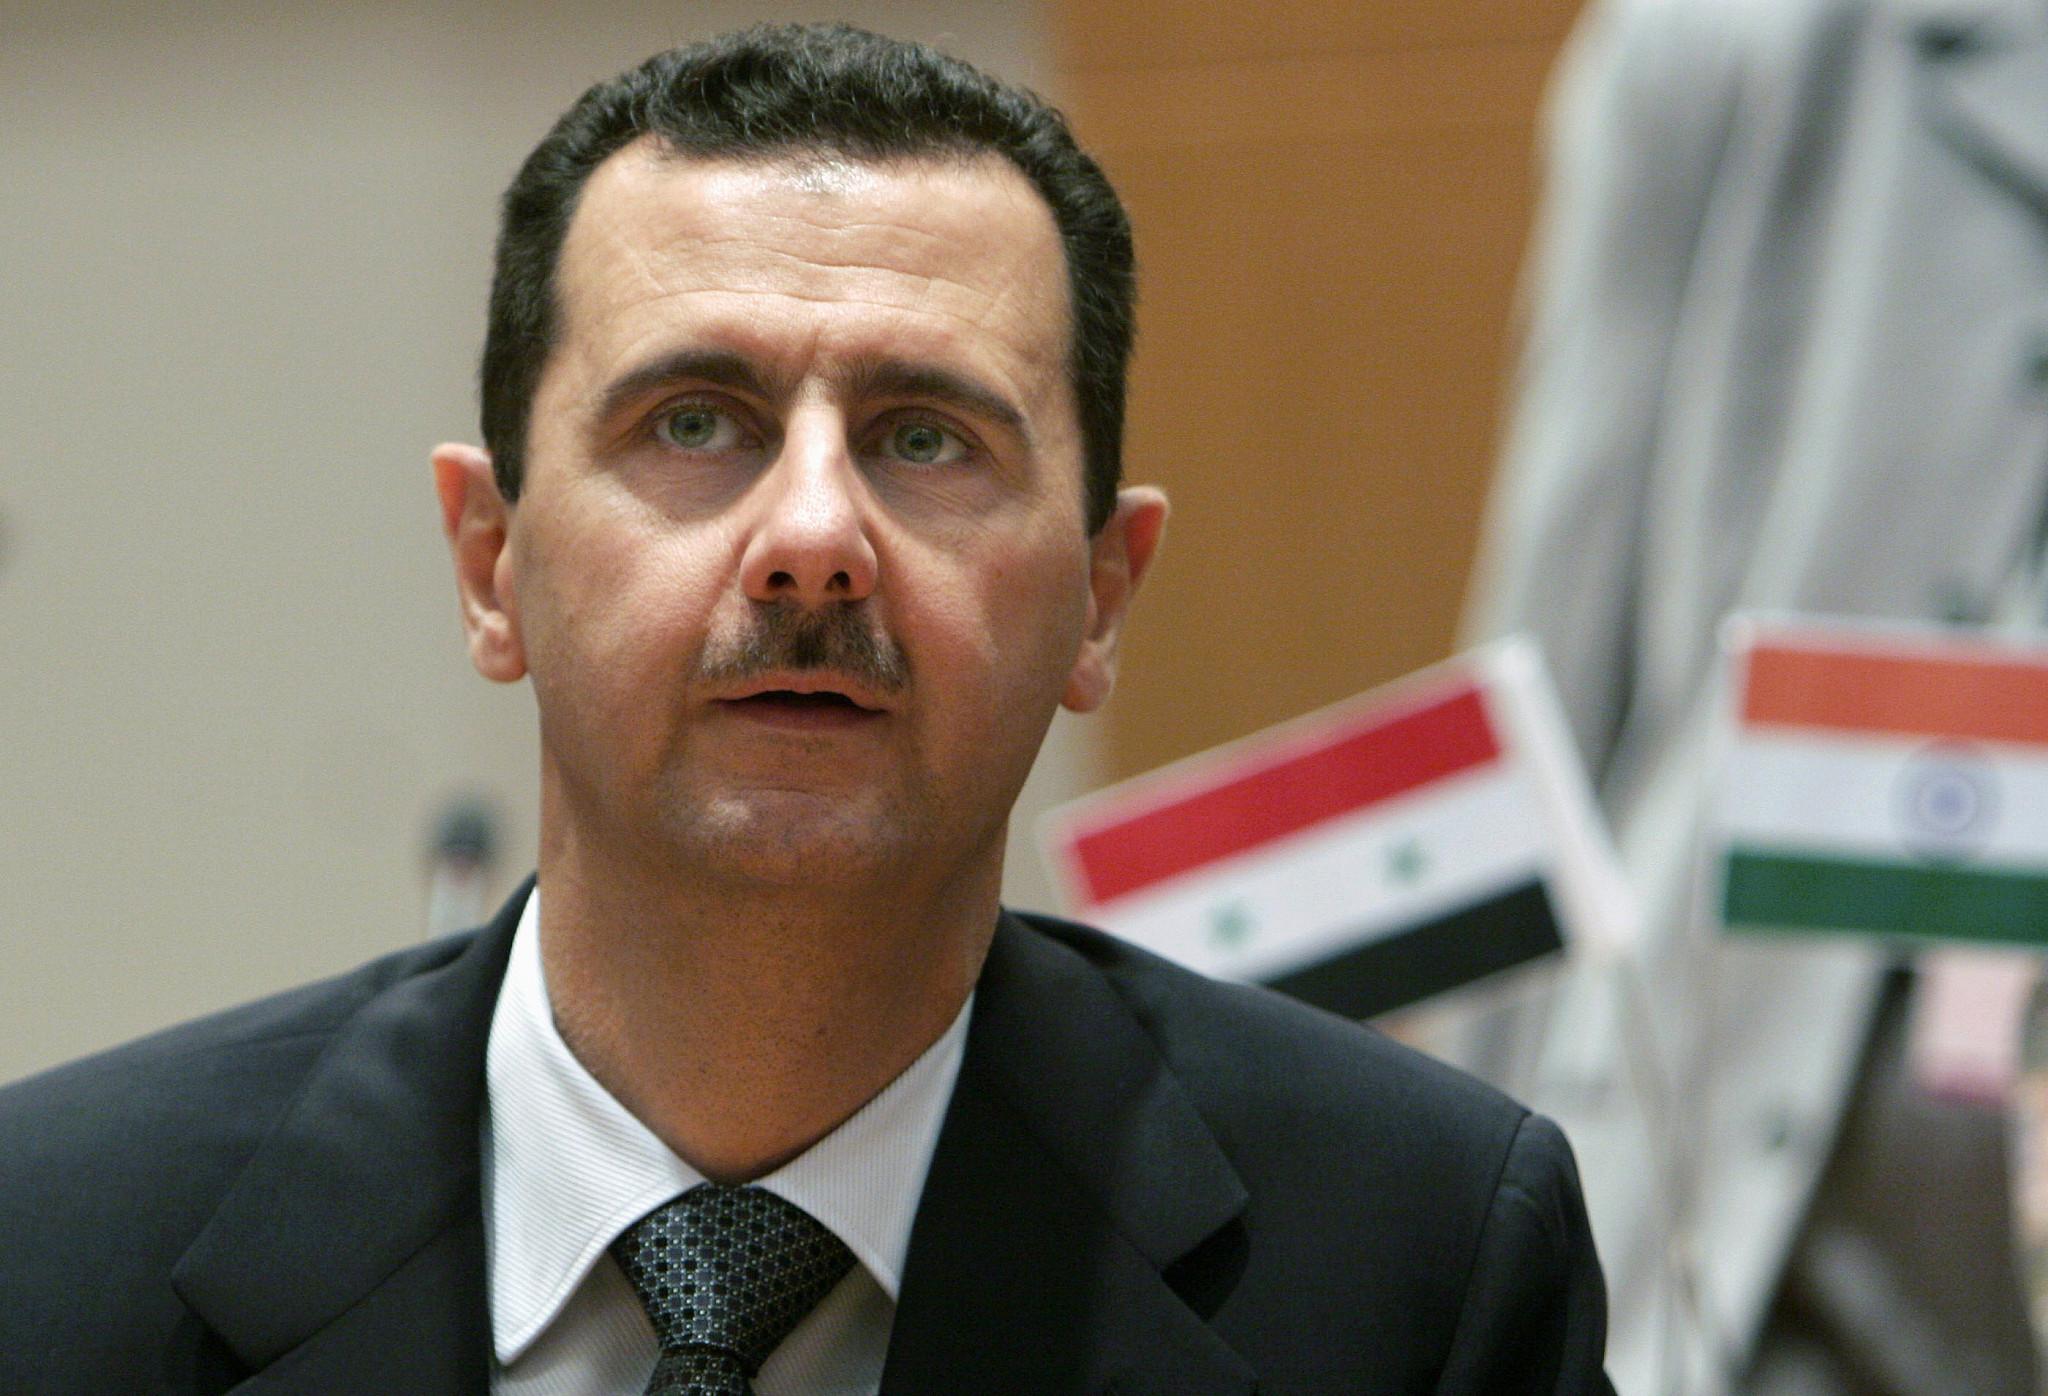 فضيحة جديدة ...بشار الأسد ينسق مع تل أبيب الضربات ضد ميليشيات إيران في سوريا